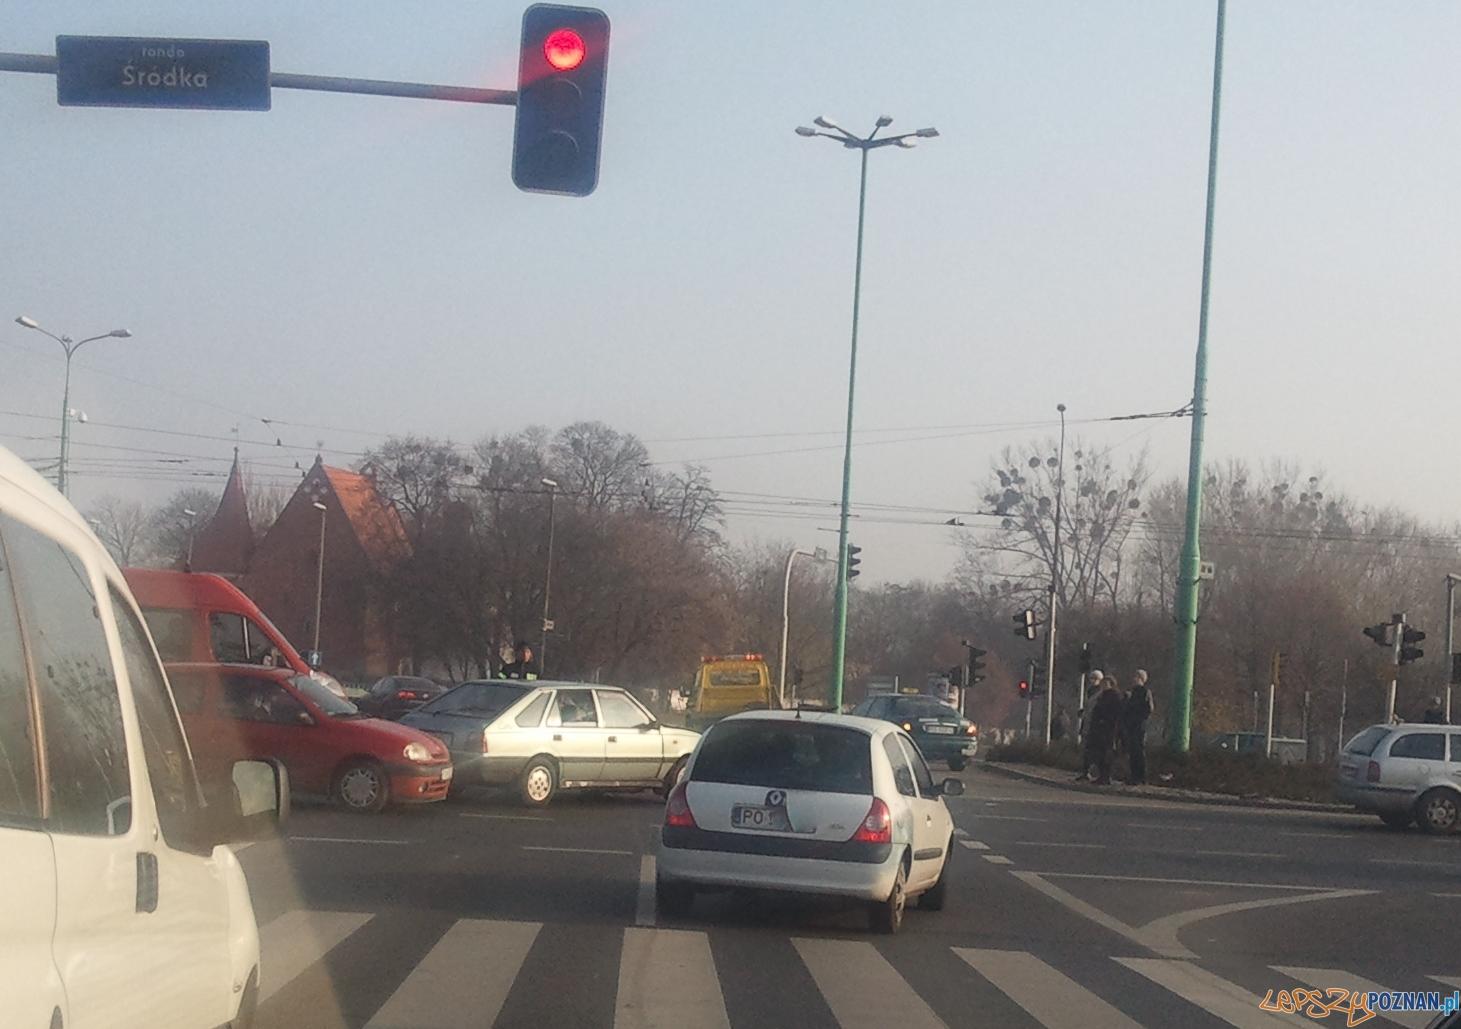 Wypadek na śródce  Foto: lepszyPOZNAN.pl / Ilona